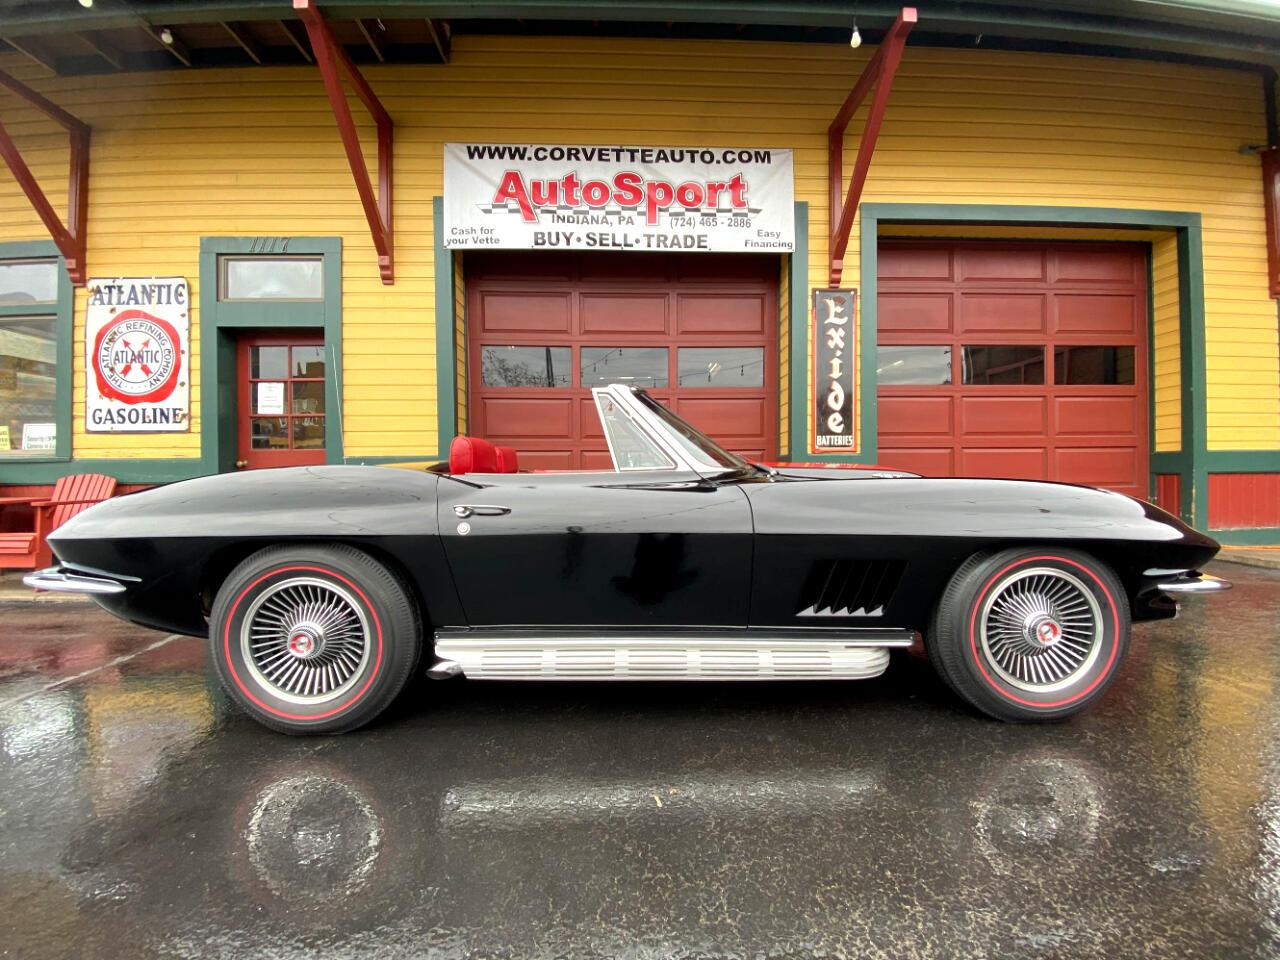 1967 Chevrolet Corvette 1967 Corvette 400hp Factory AC 29k Org Miles Loade